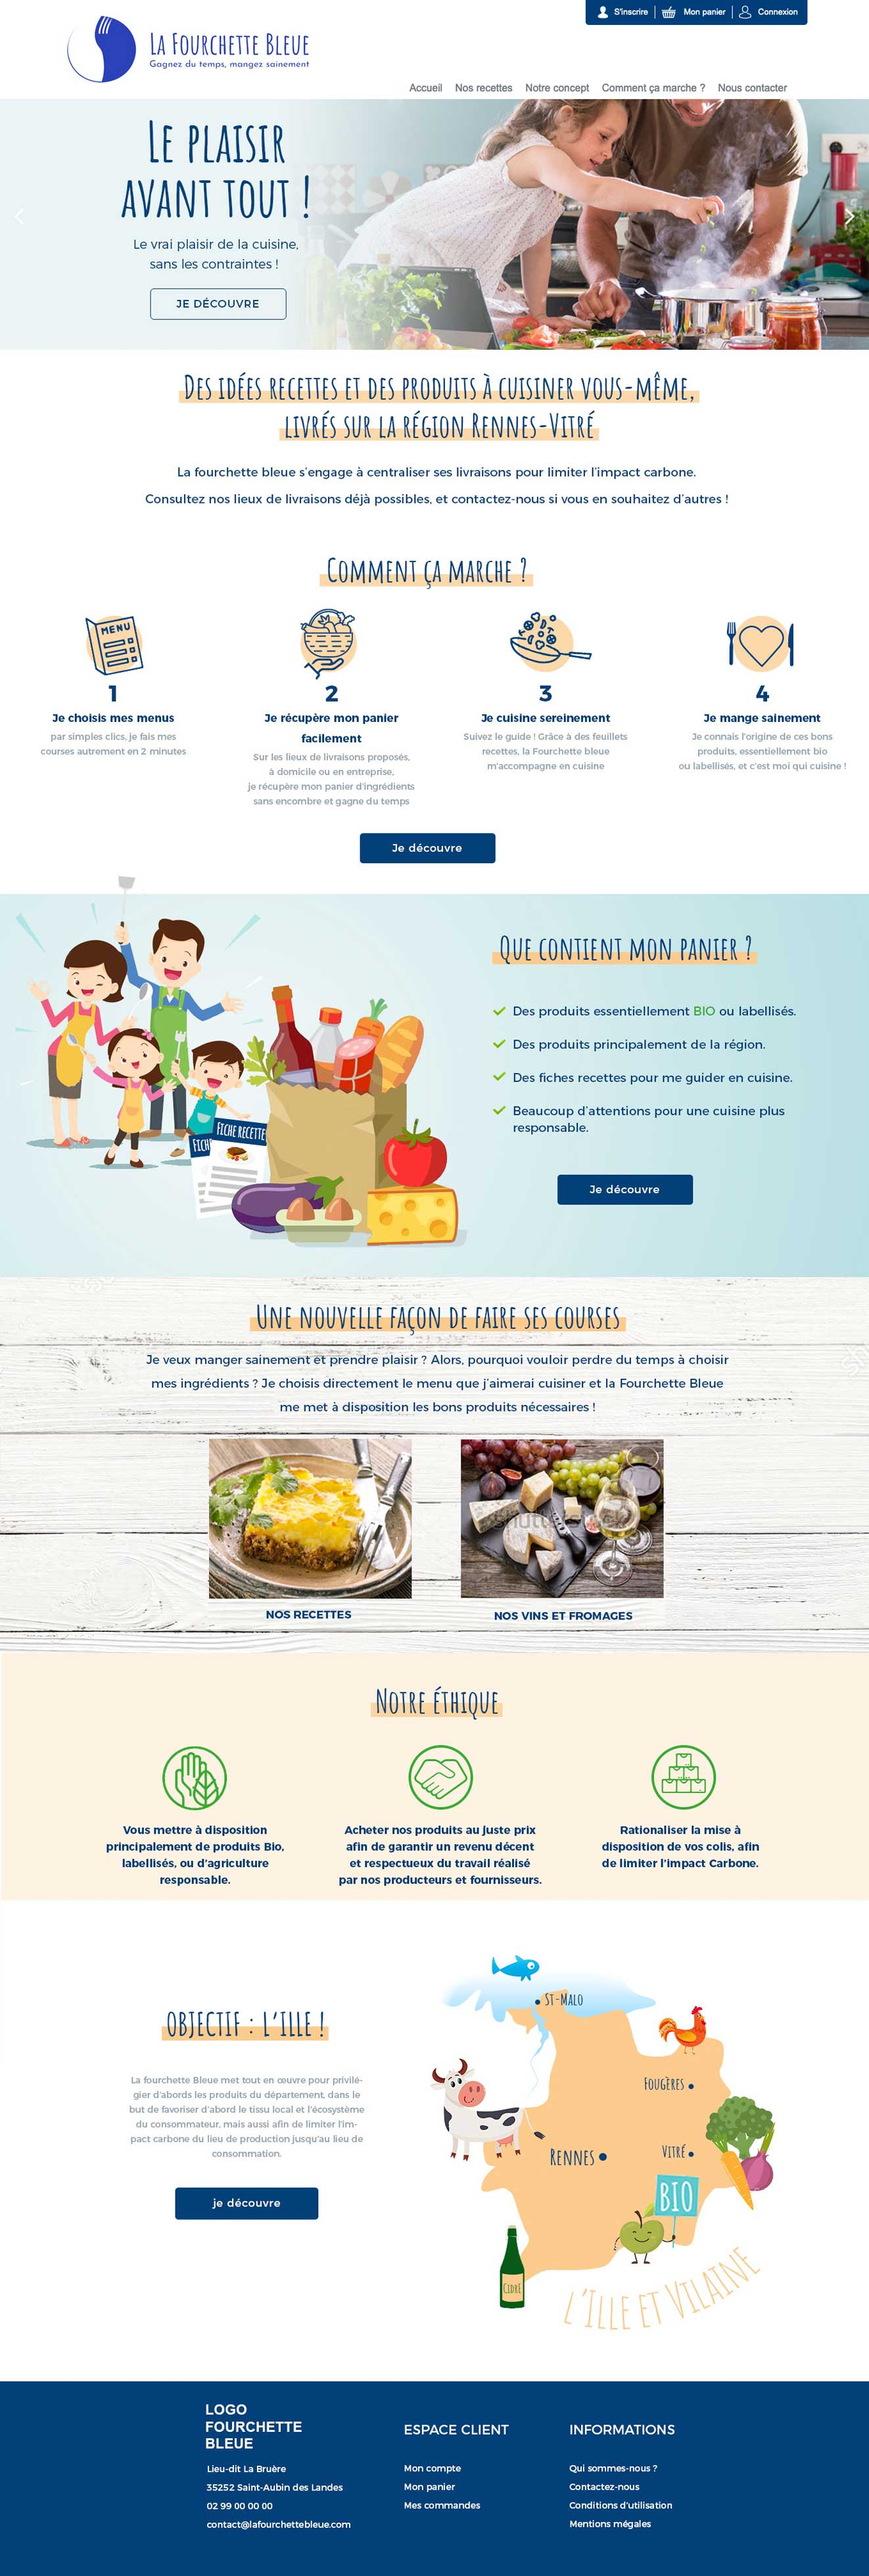 Page d'accueil La Fourchette Bleue